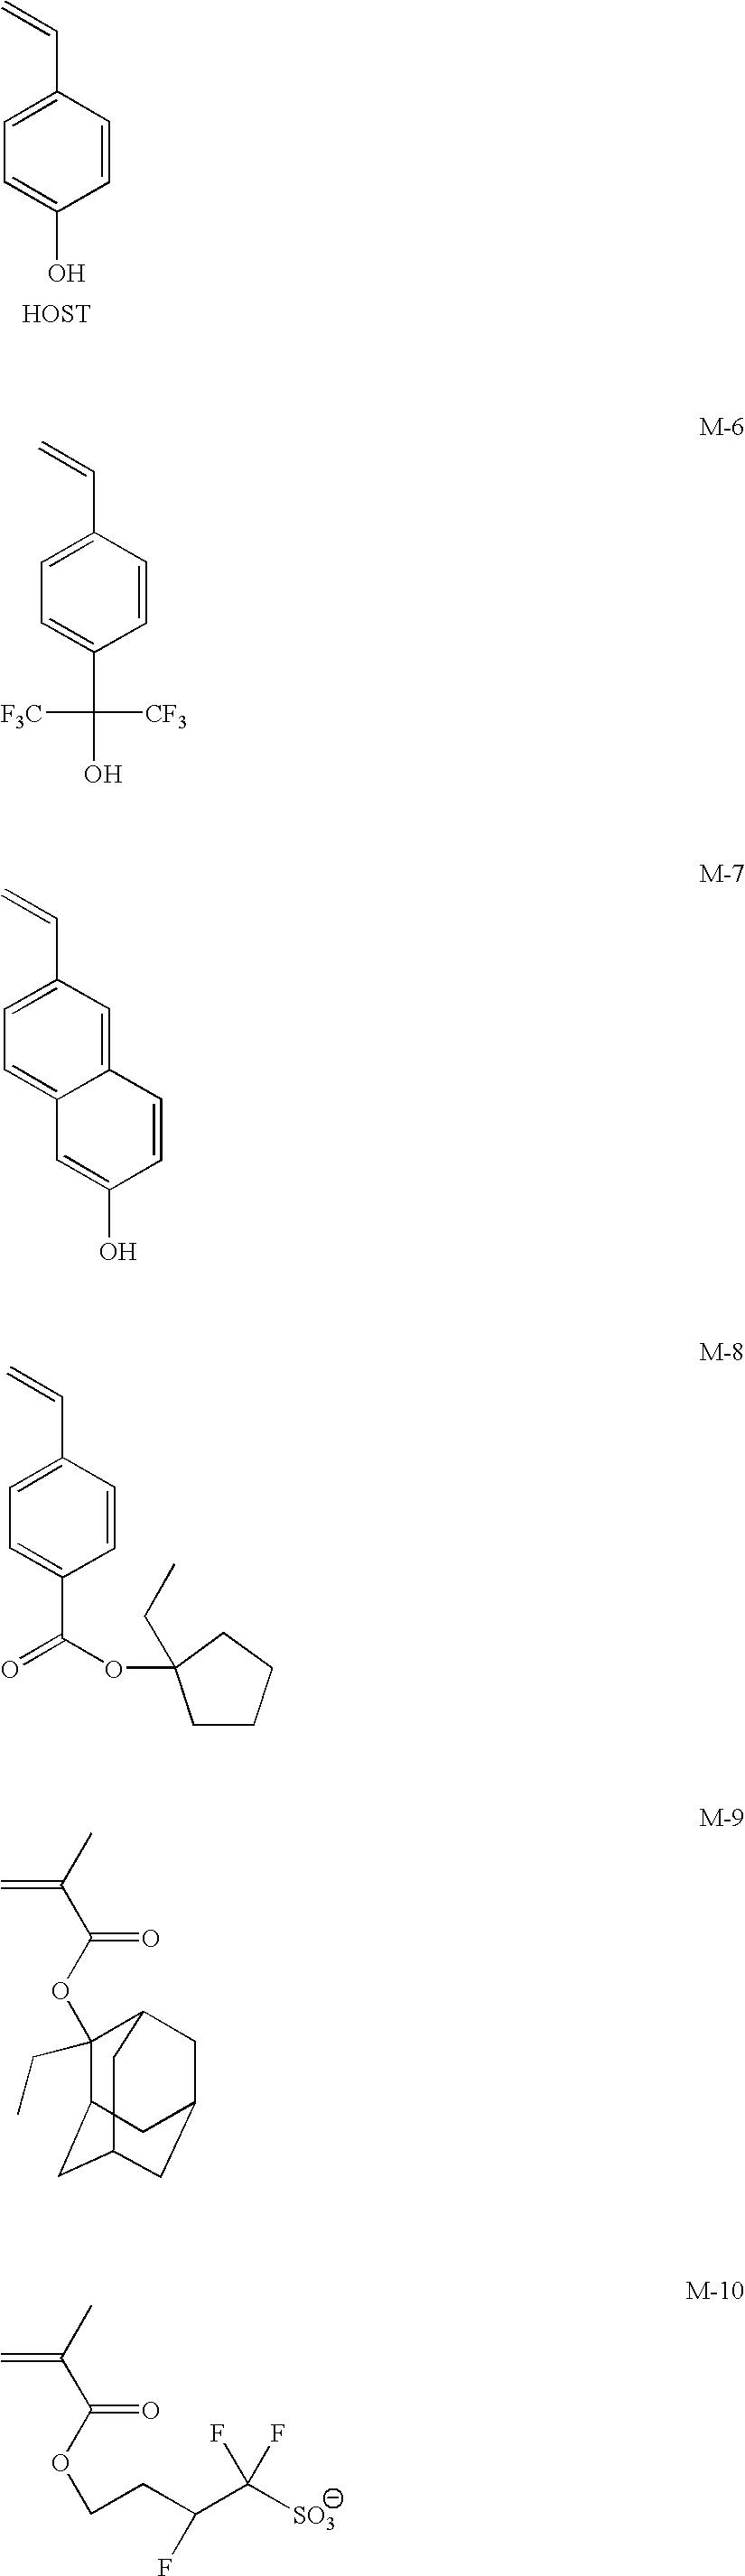 Figure US08852845-20141007-C00234